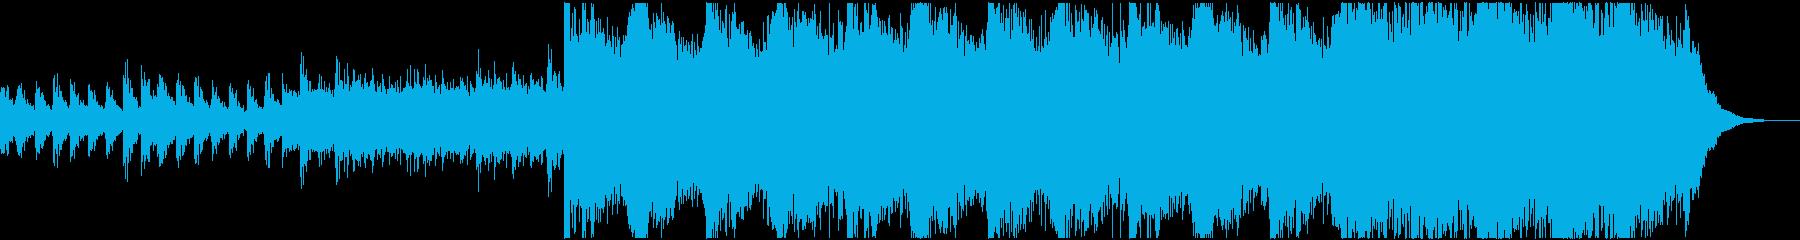 ゾッとする不吉なサスペンス/ホラー...の再生済みの波形